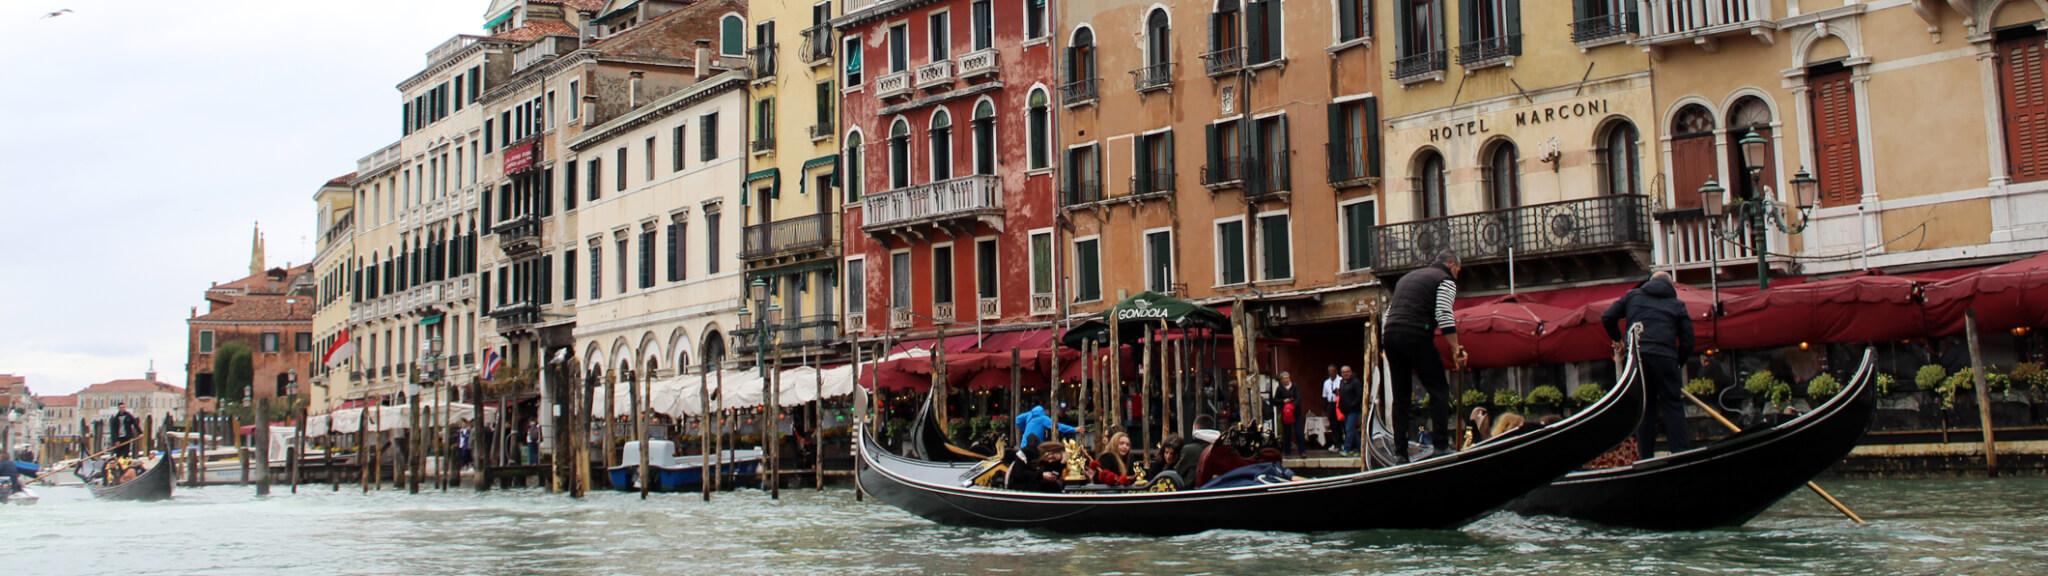 Canale Grande Hausbooturlaub Lagune Venedig